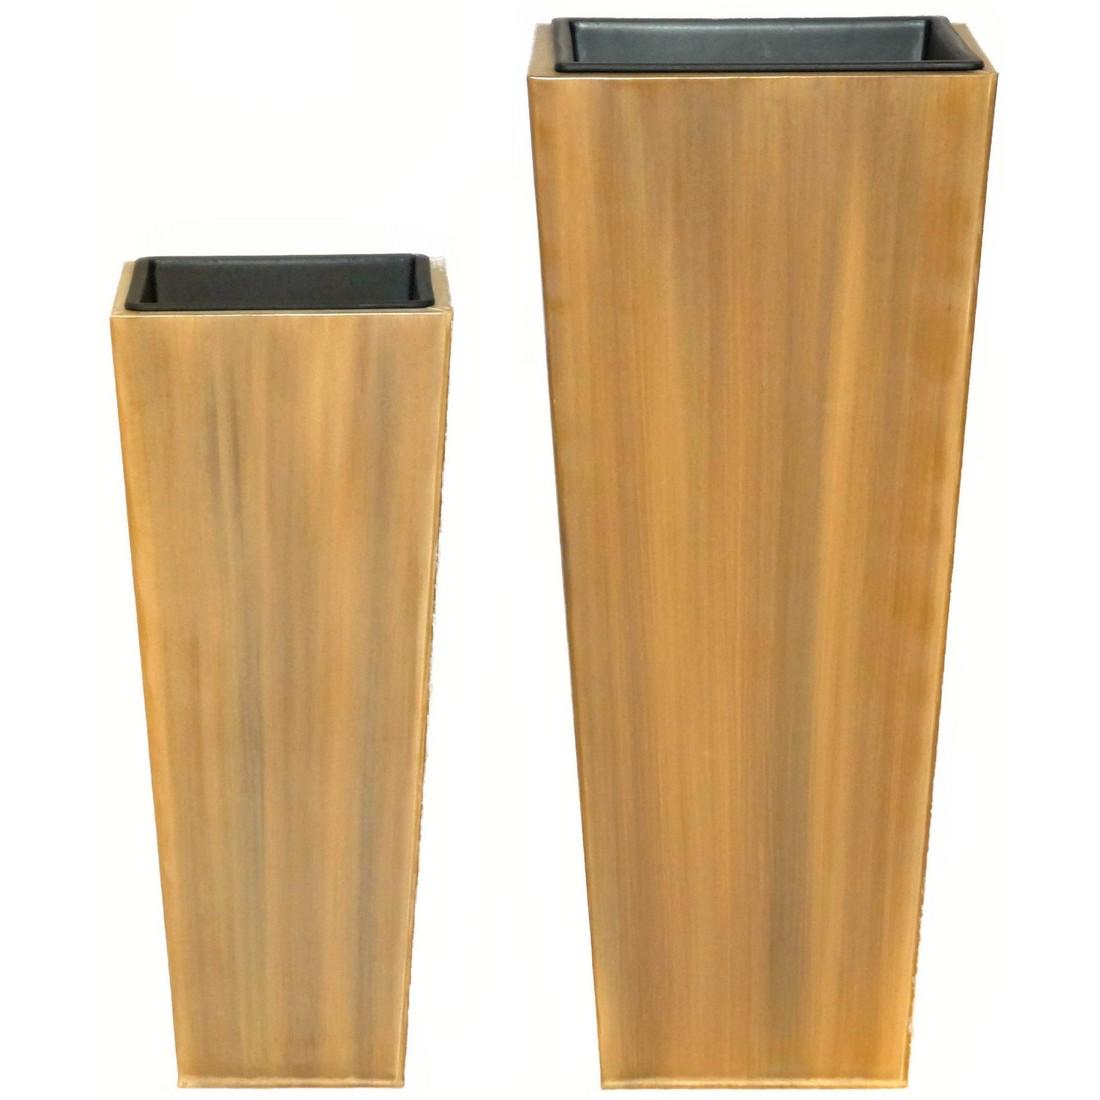 Pflanzkübel Wood – Zink – Big Sky – Höhe: 90 cm Breite: 39 cm (einzeln), Helmes Home & Garden jetzt bestellen